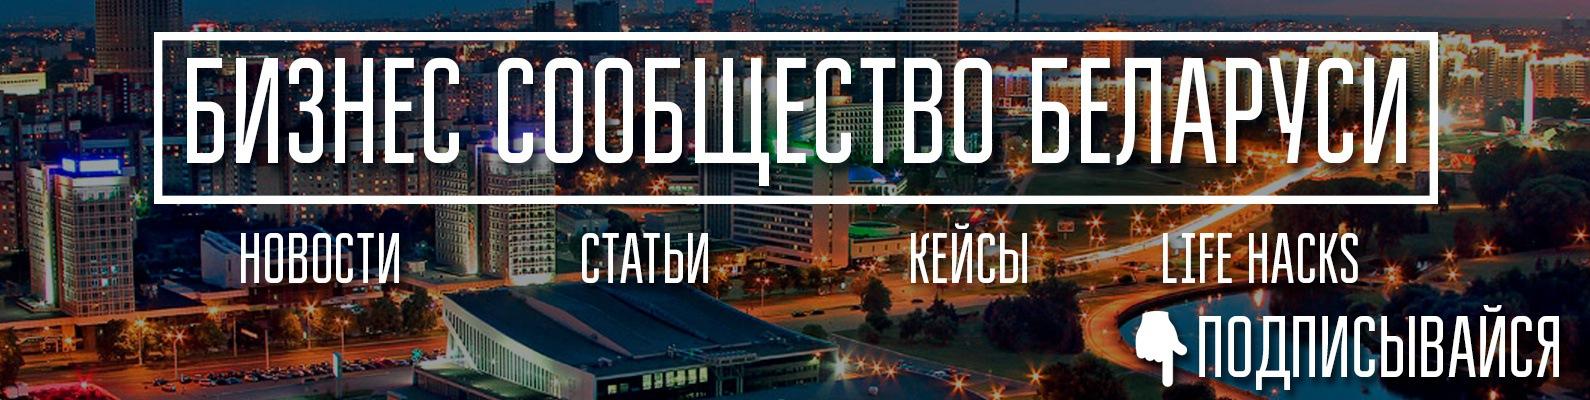 229bf76755a4 Бизнес сообщество Беларуси | ВКонтакте